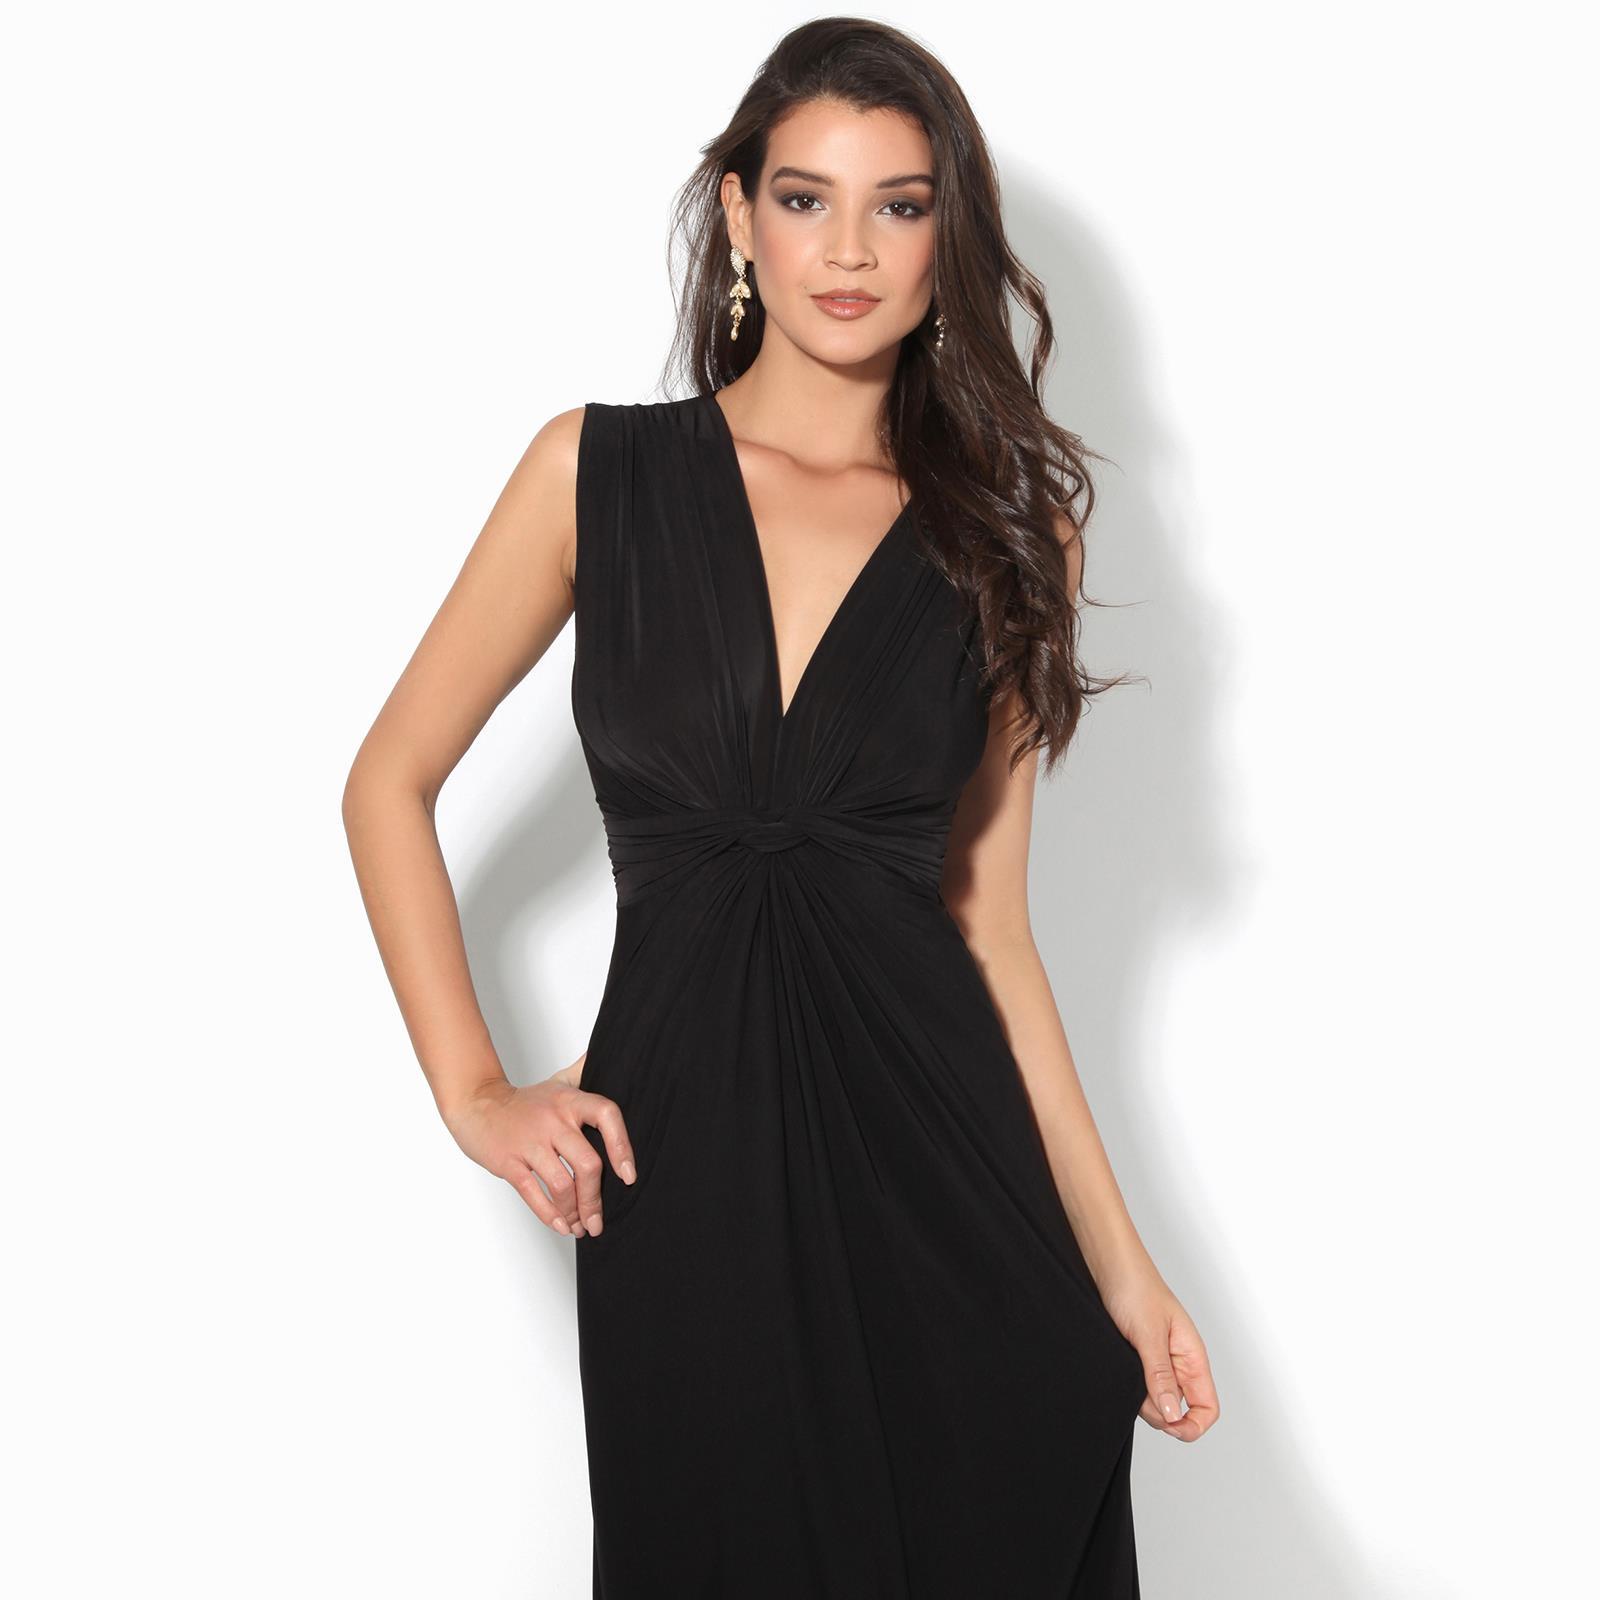 Womens-Ladies-Boho-Long-Maxi-Dress-Knot-V-Neck-Sleeveless-Pleated-Summer-Party thumbnail 6